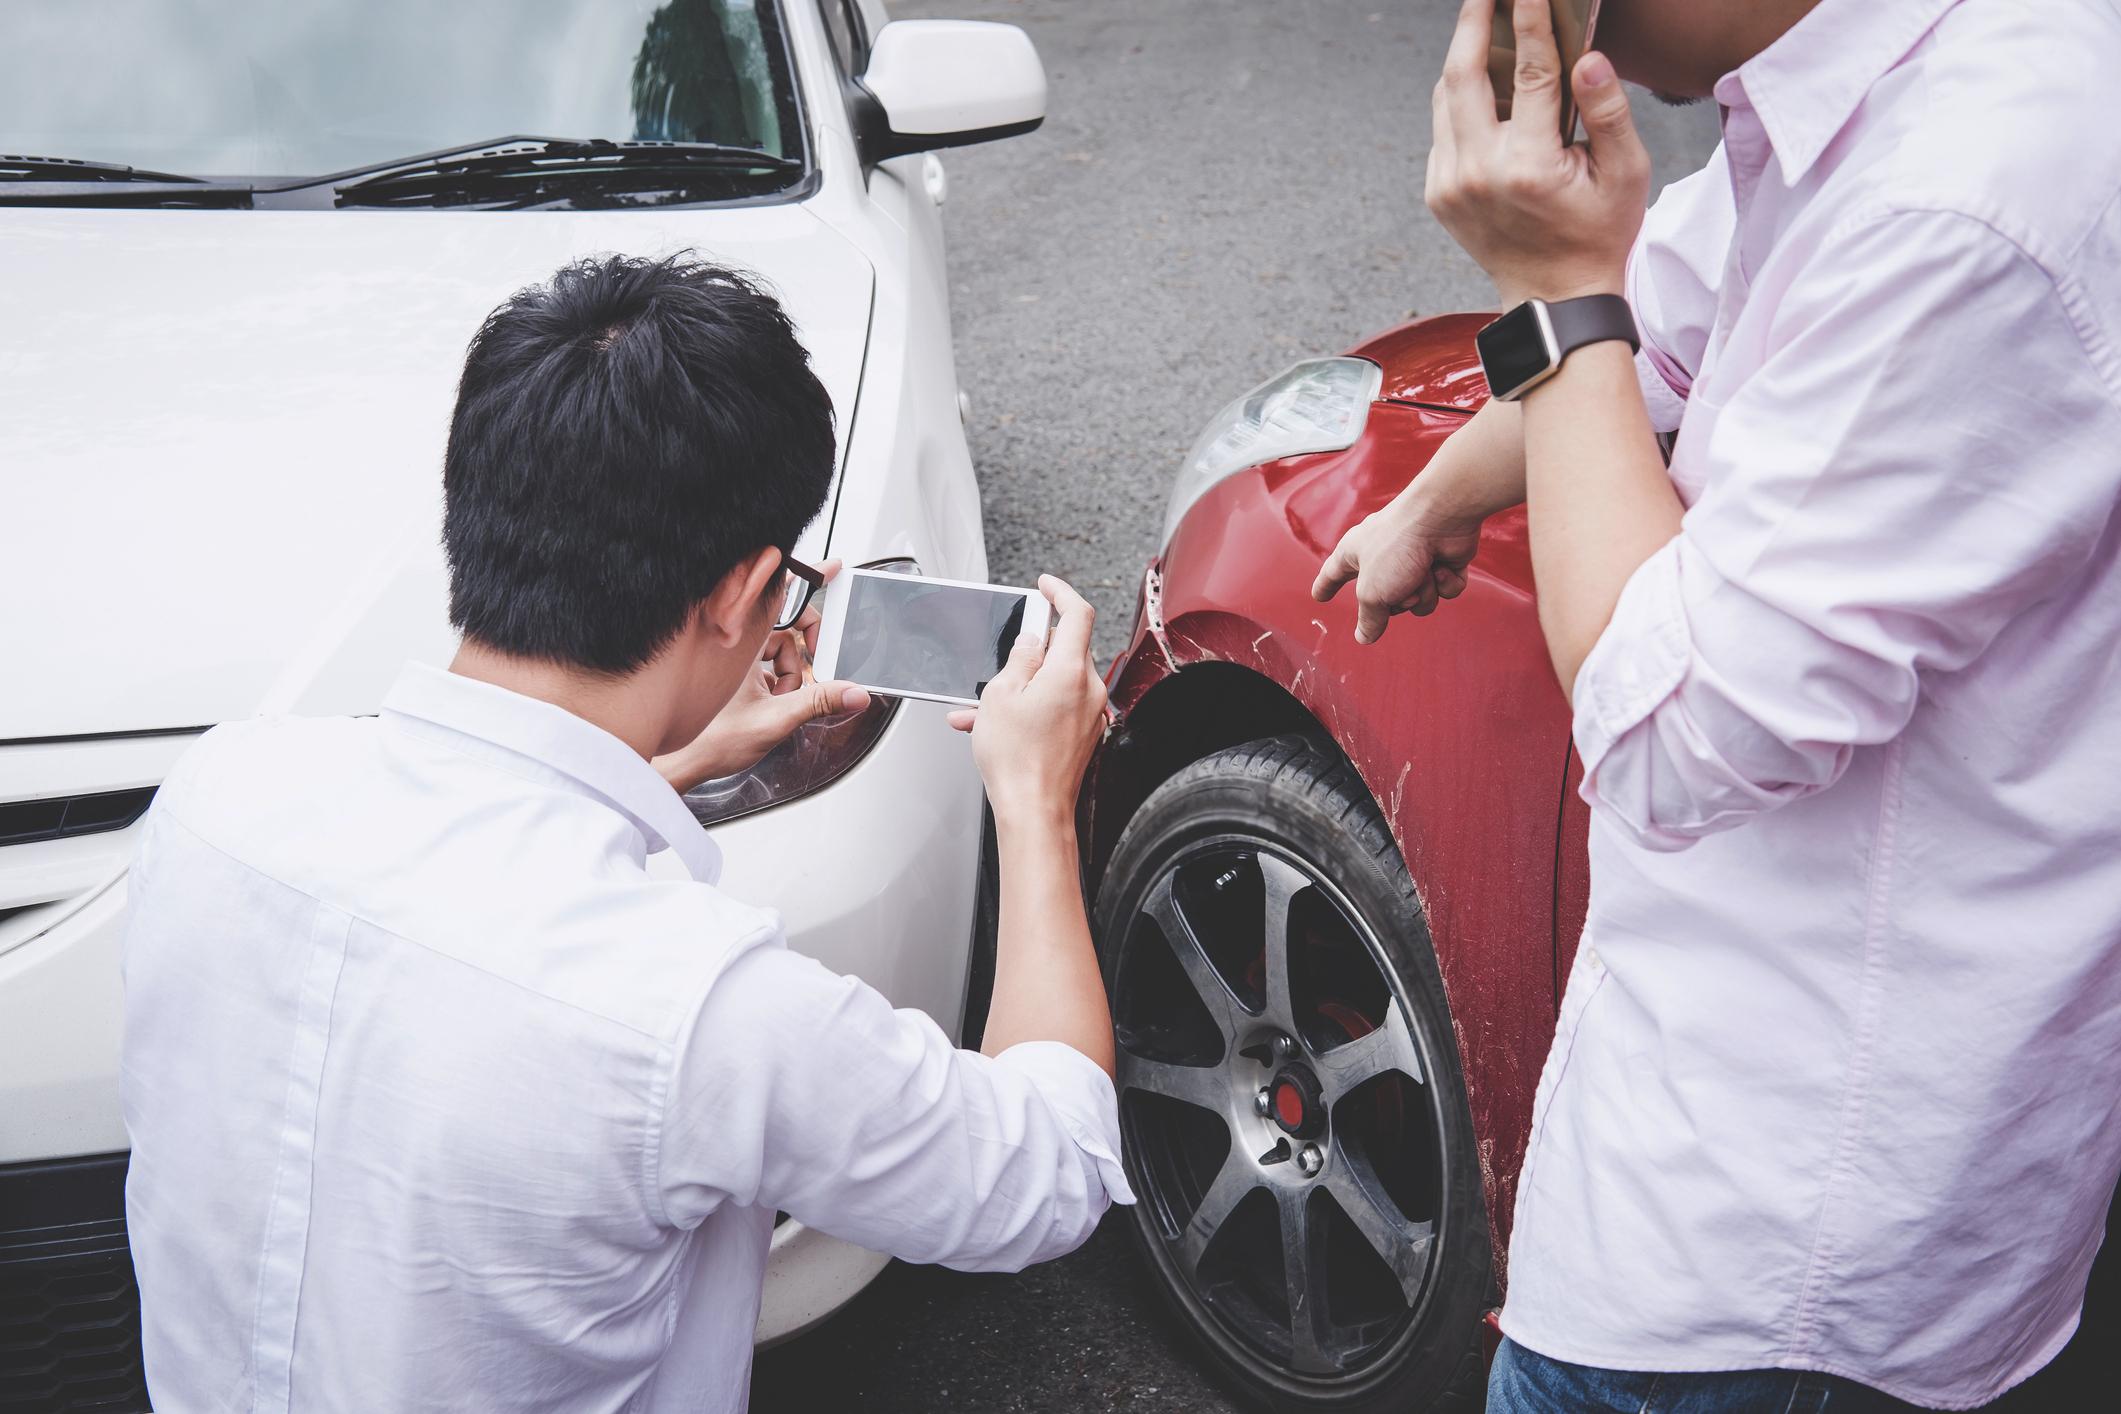 Dois homens discutindo por uma batida de carro, um está tirando foto com o celular